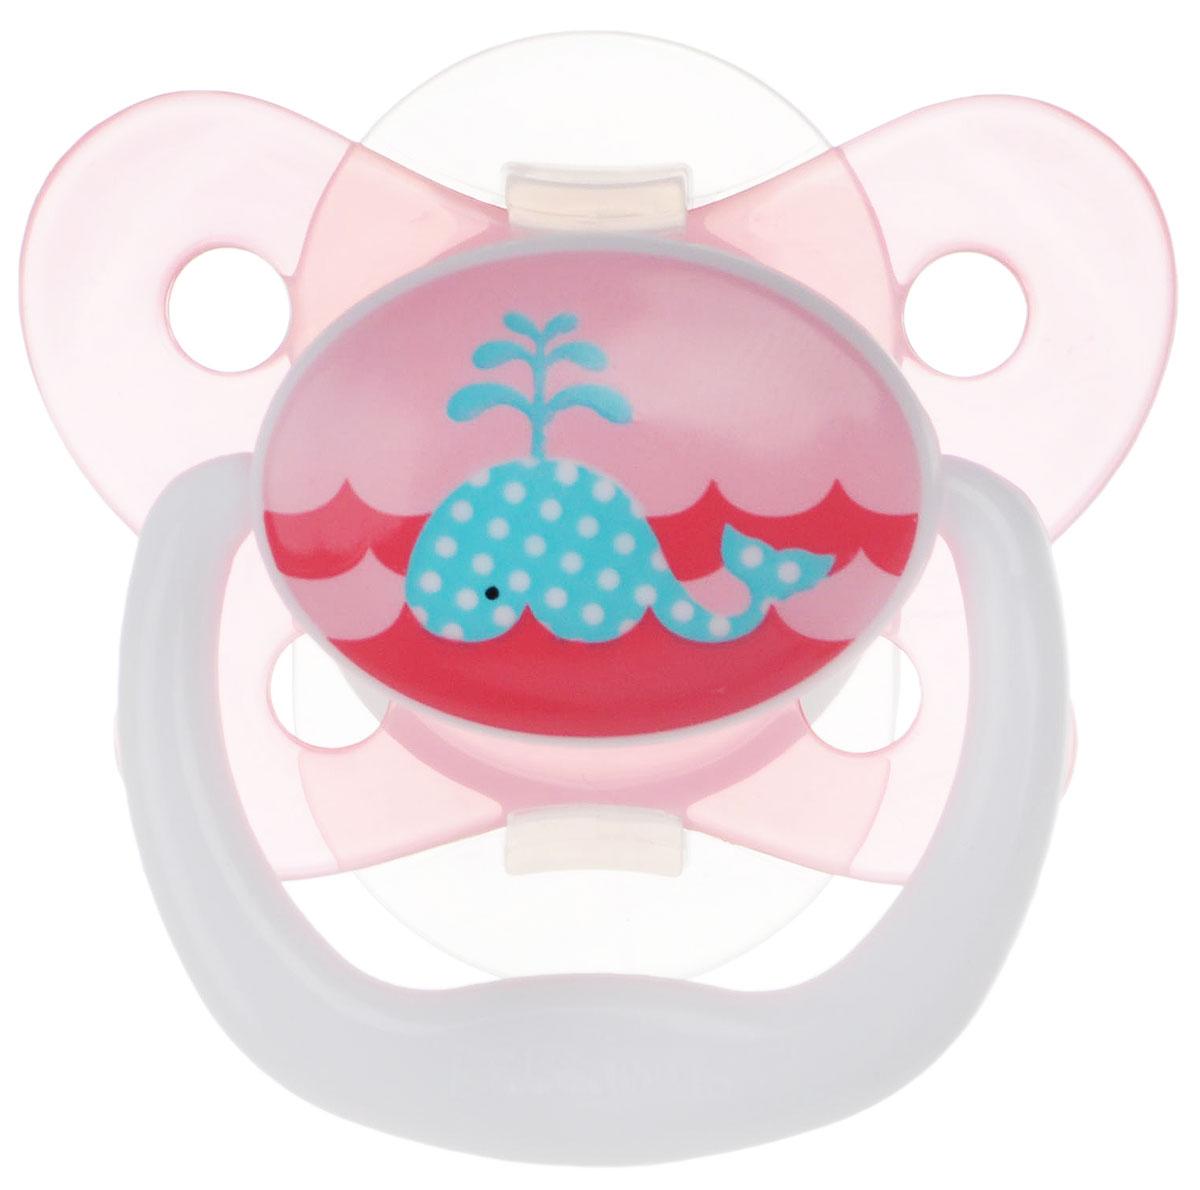 Dr.Browns Пустышка PreVent Бабочка Кит от 0 до 6 месяцев цвет розовыйPV11304Пустышка Dr.Browns PreVent Бабочка. Кит предназначена для новорожденных малышей от 0 до 6 месяцев. Пустышка удовлетворяет естественный сосательный рефлекс и тренирует мышцы губ, языка и челюсти, что играет важную роль в развитии речевых навыков и навыков приема пищи. Мягкая пустышка выполнена из прозрачного гигиеничного силикона, не имеющего вкуса и запаха. Имеет воздушный канал, который впускает воздух, благодаря чему пустышка остается мягкой и гибкой, что минимизирует риск неправильного расположения зубов. Снабжена вентиляционной системой, дополнена контурным ободком и удобным держателем. Пустышка с защелкивающимся колпачком. Не содержит Бисфенол А.